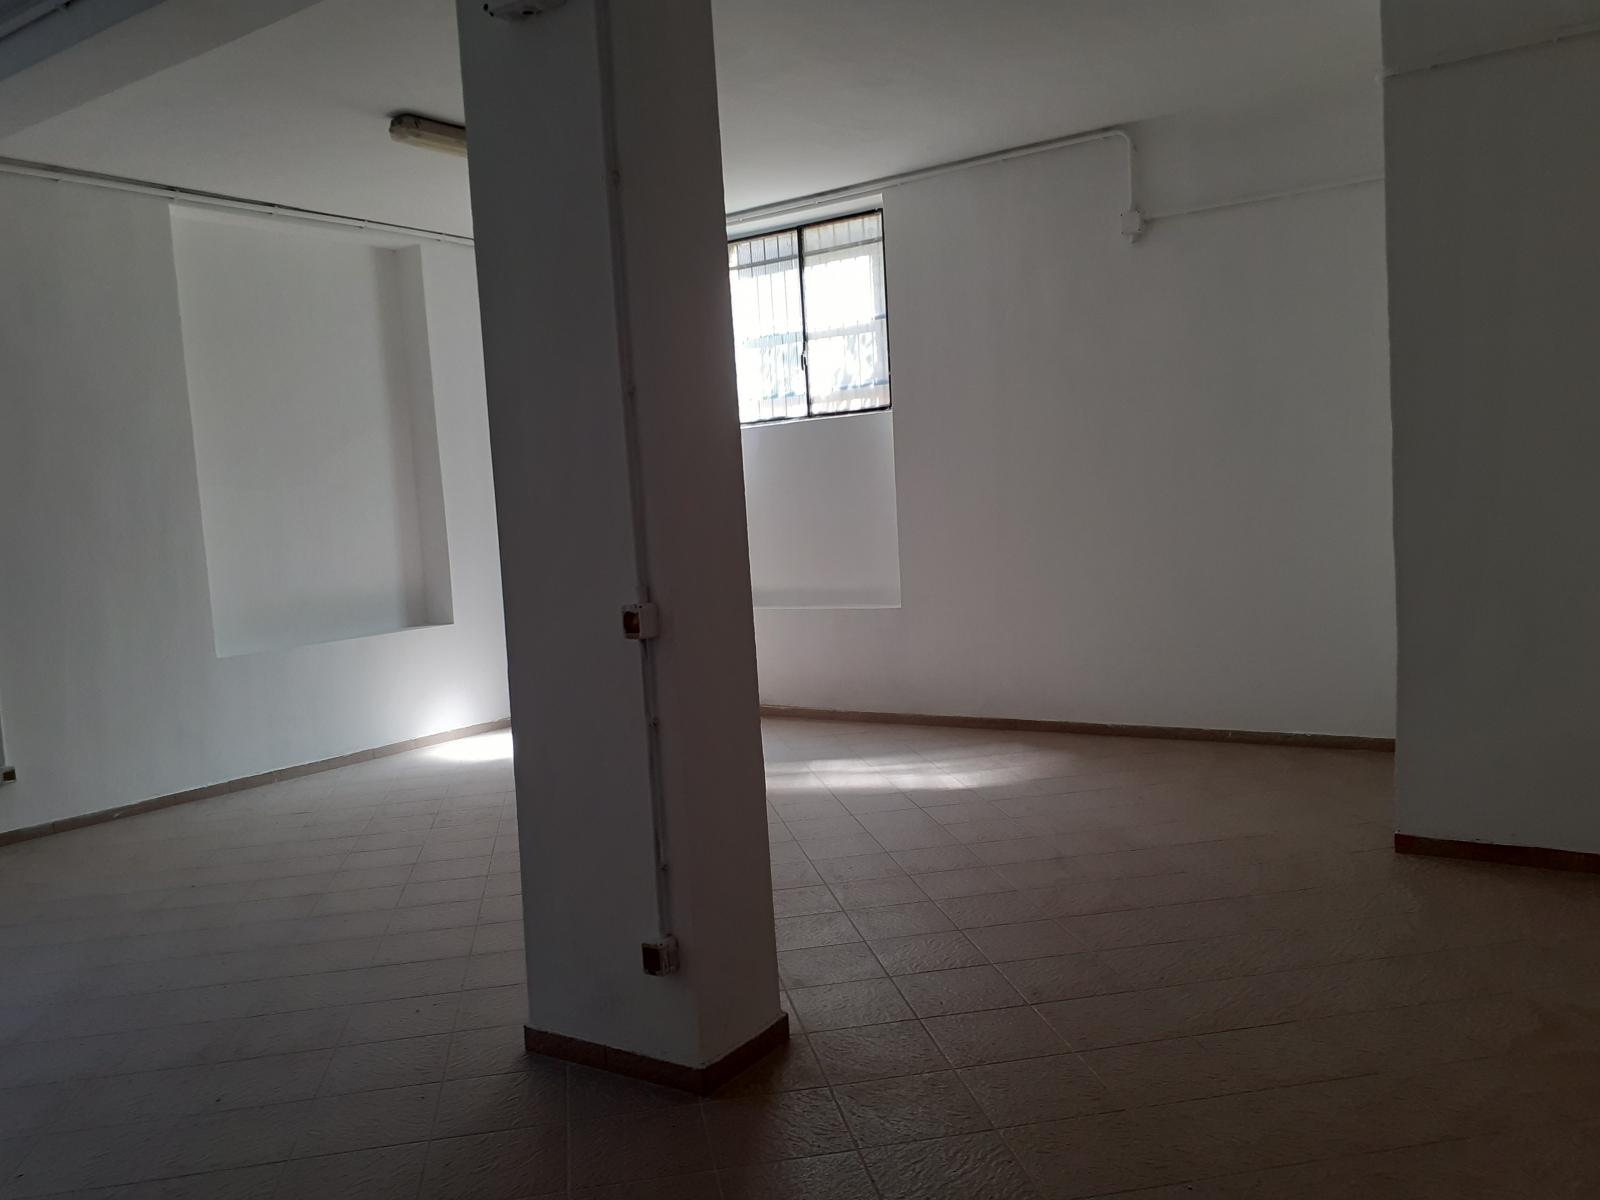 laboratorio-magazzino-in-vendita-affitto-a-baggio-spaziourbano-immobiliare-vende-affitta-6